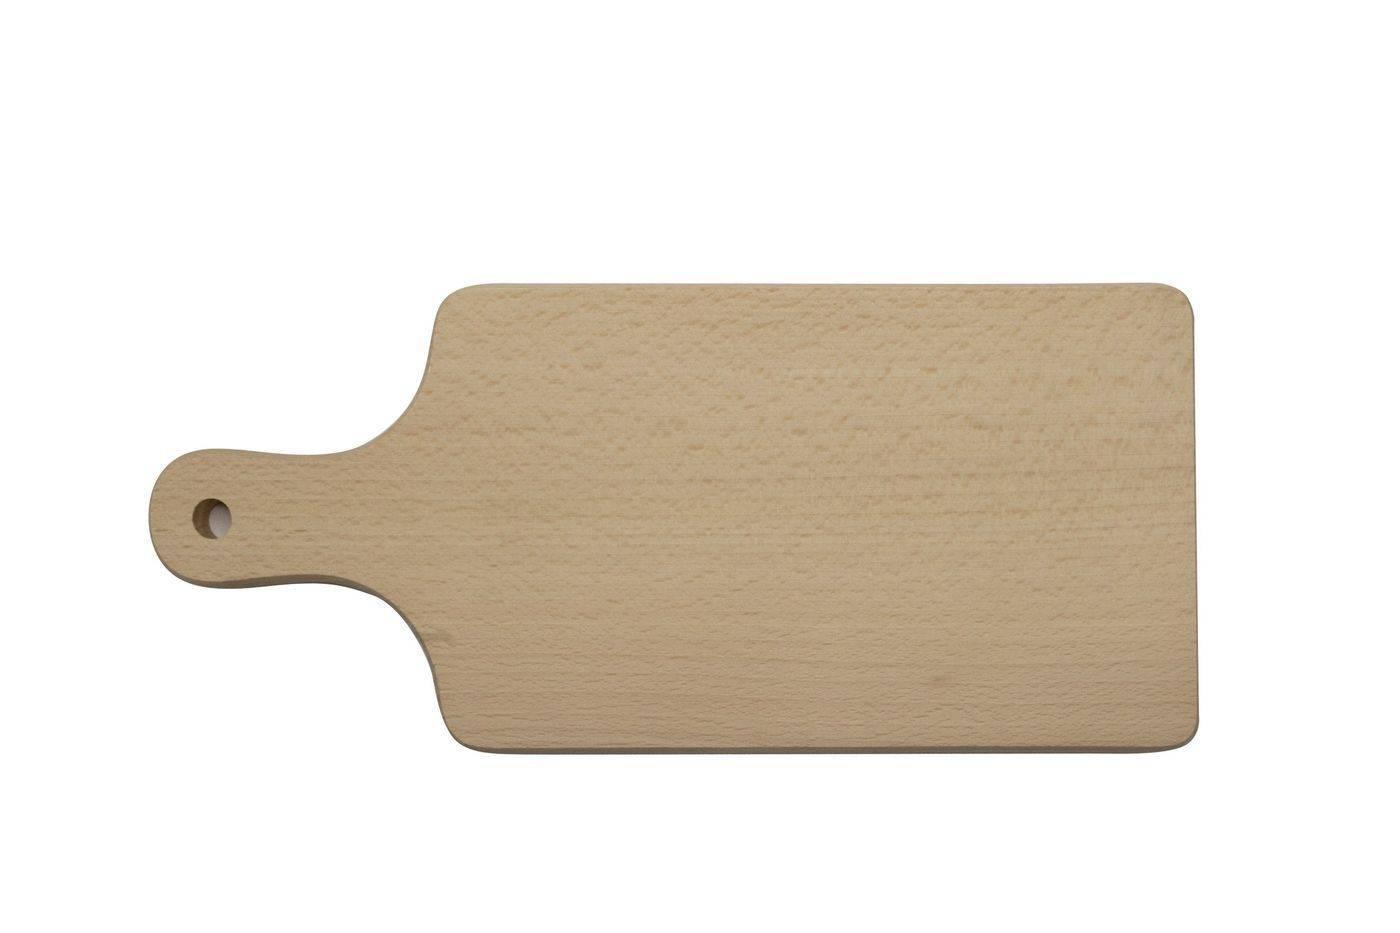 Prkénko s rukojetí na, 270 x 120 x 16 mm - Dřevovýroba Otradov